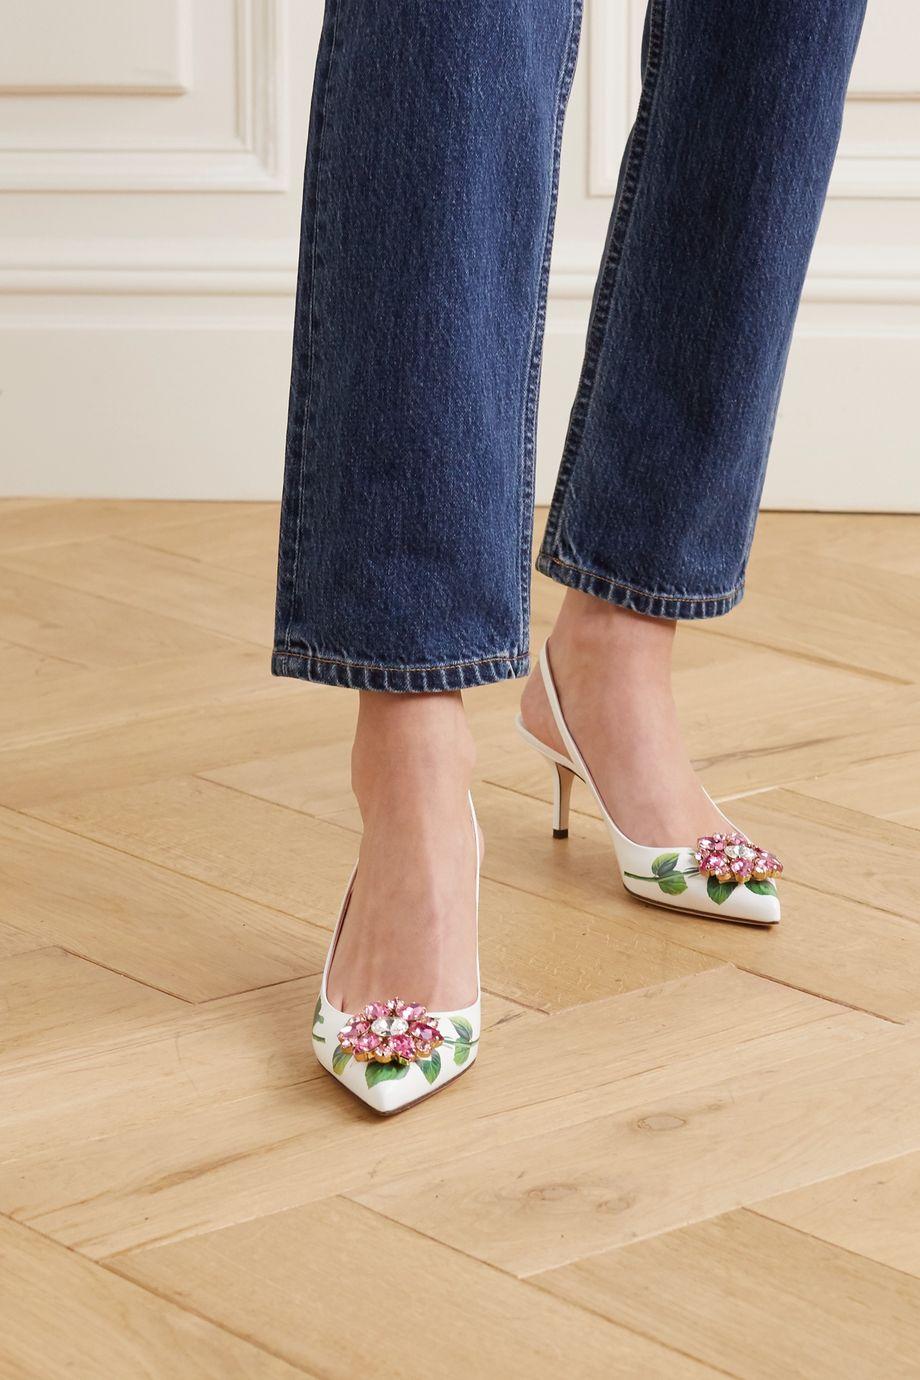 Dolce & Gabbana Crystal-embellished floral-print leather slingback pumps